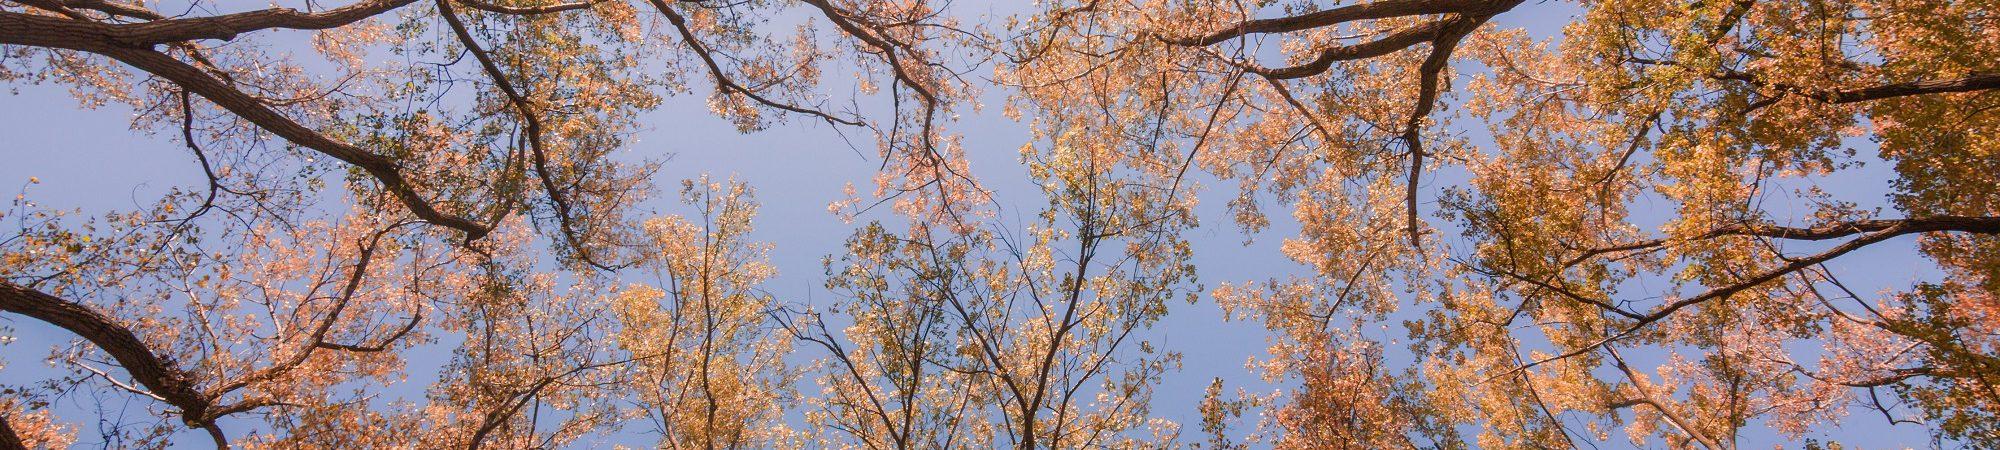 Les cimes d'arbres se détachent sur un ciel bleu